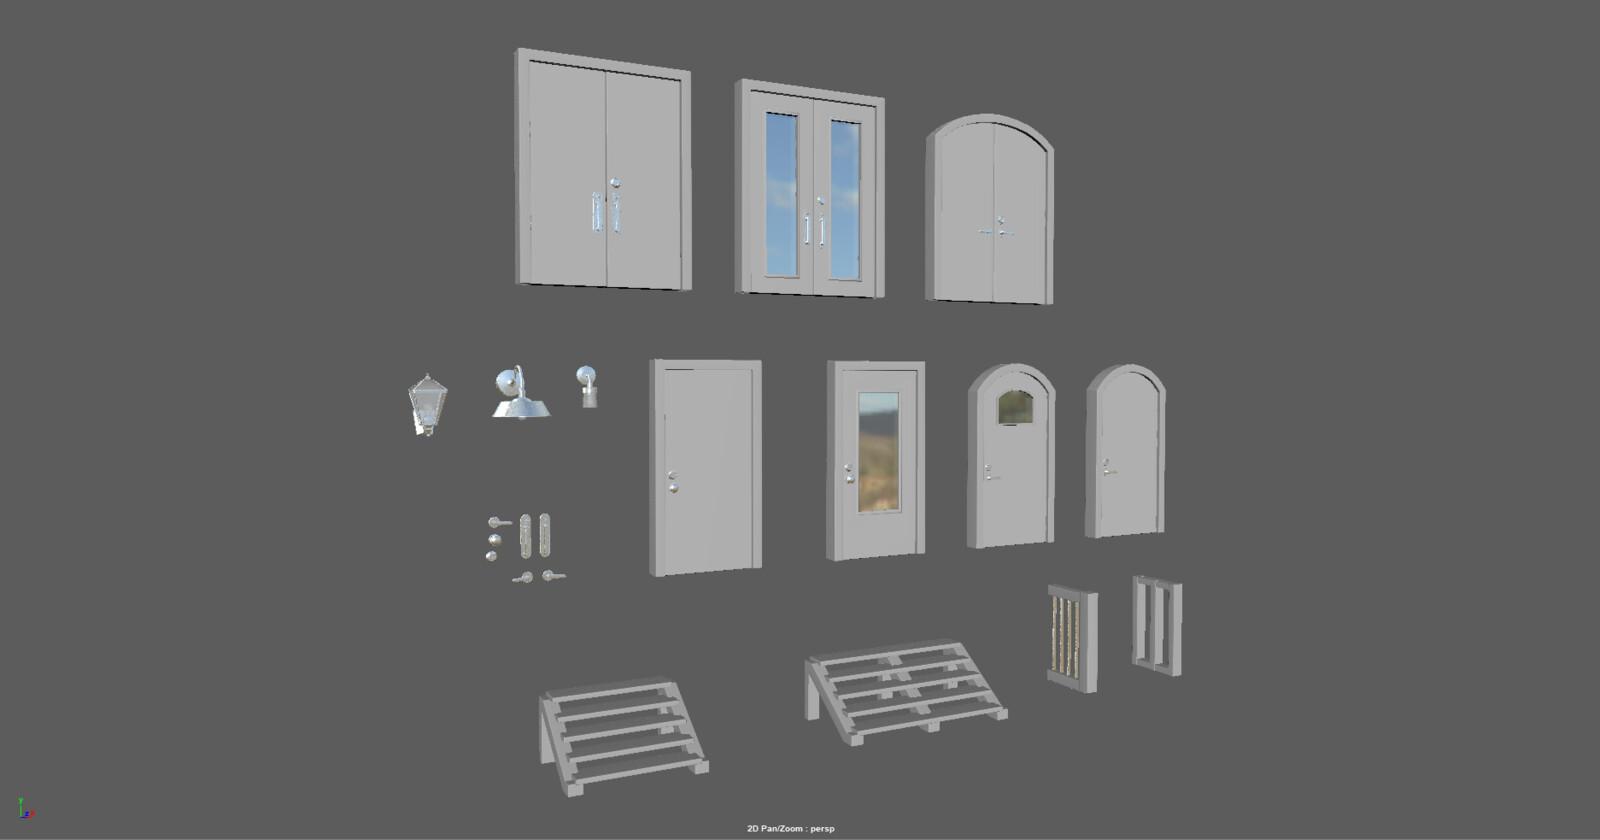 All door options